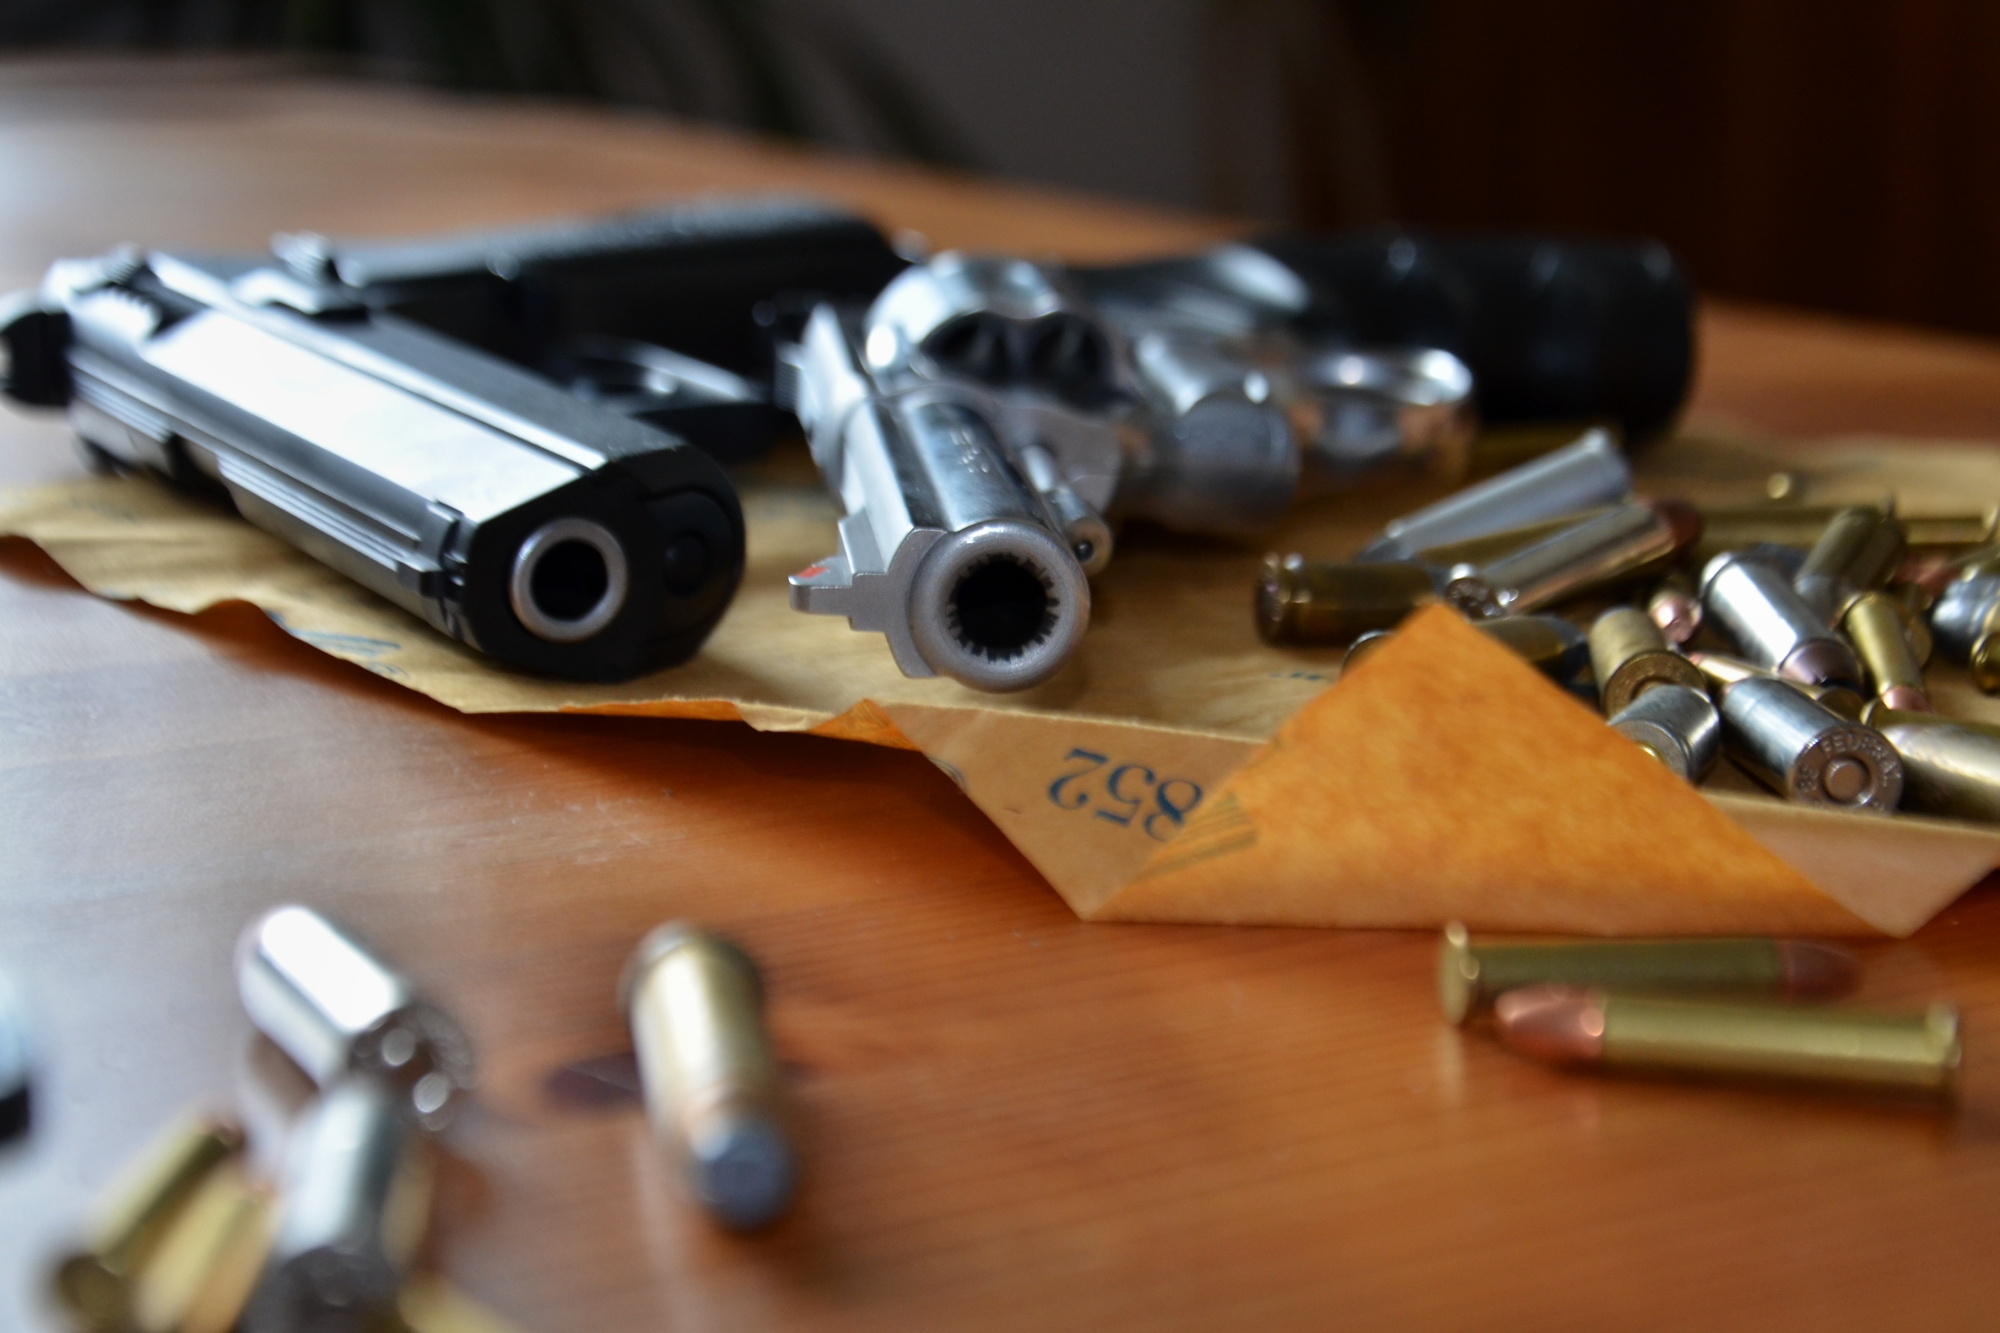 Pistole, munice, náboje, nábojnice, zbraně, násilí, zločin, kriminalita, přepadení, loupež